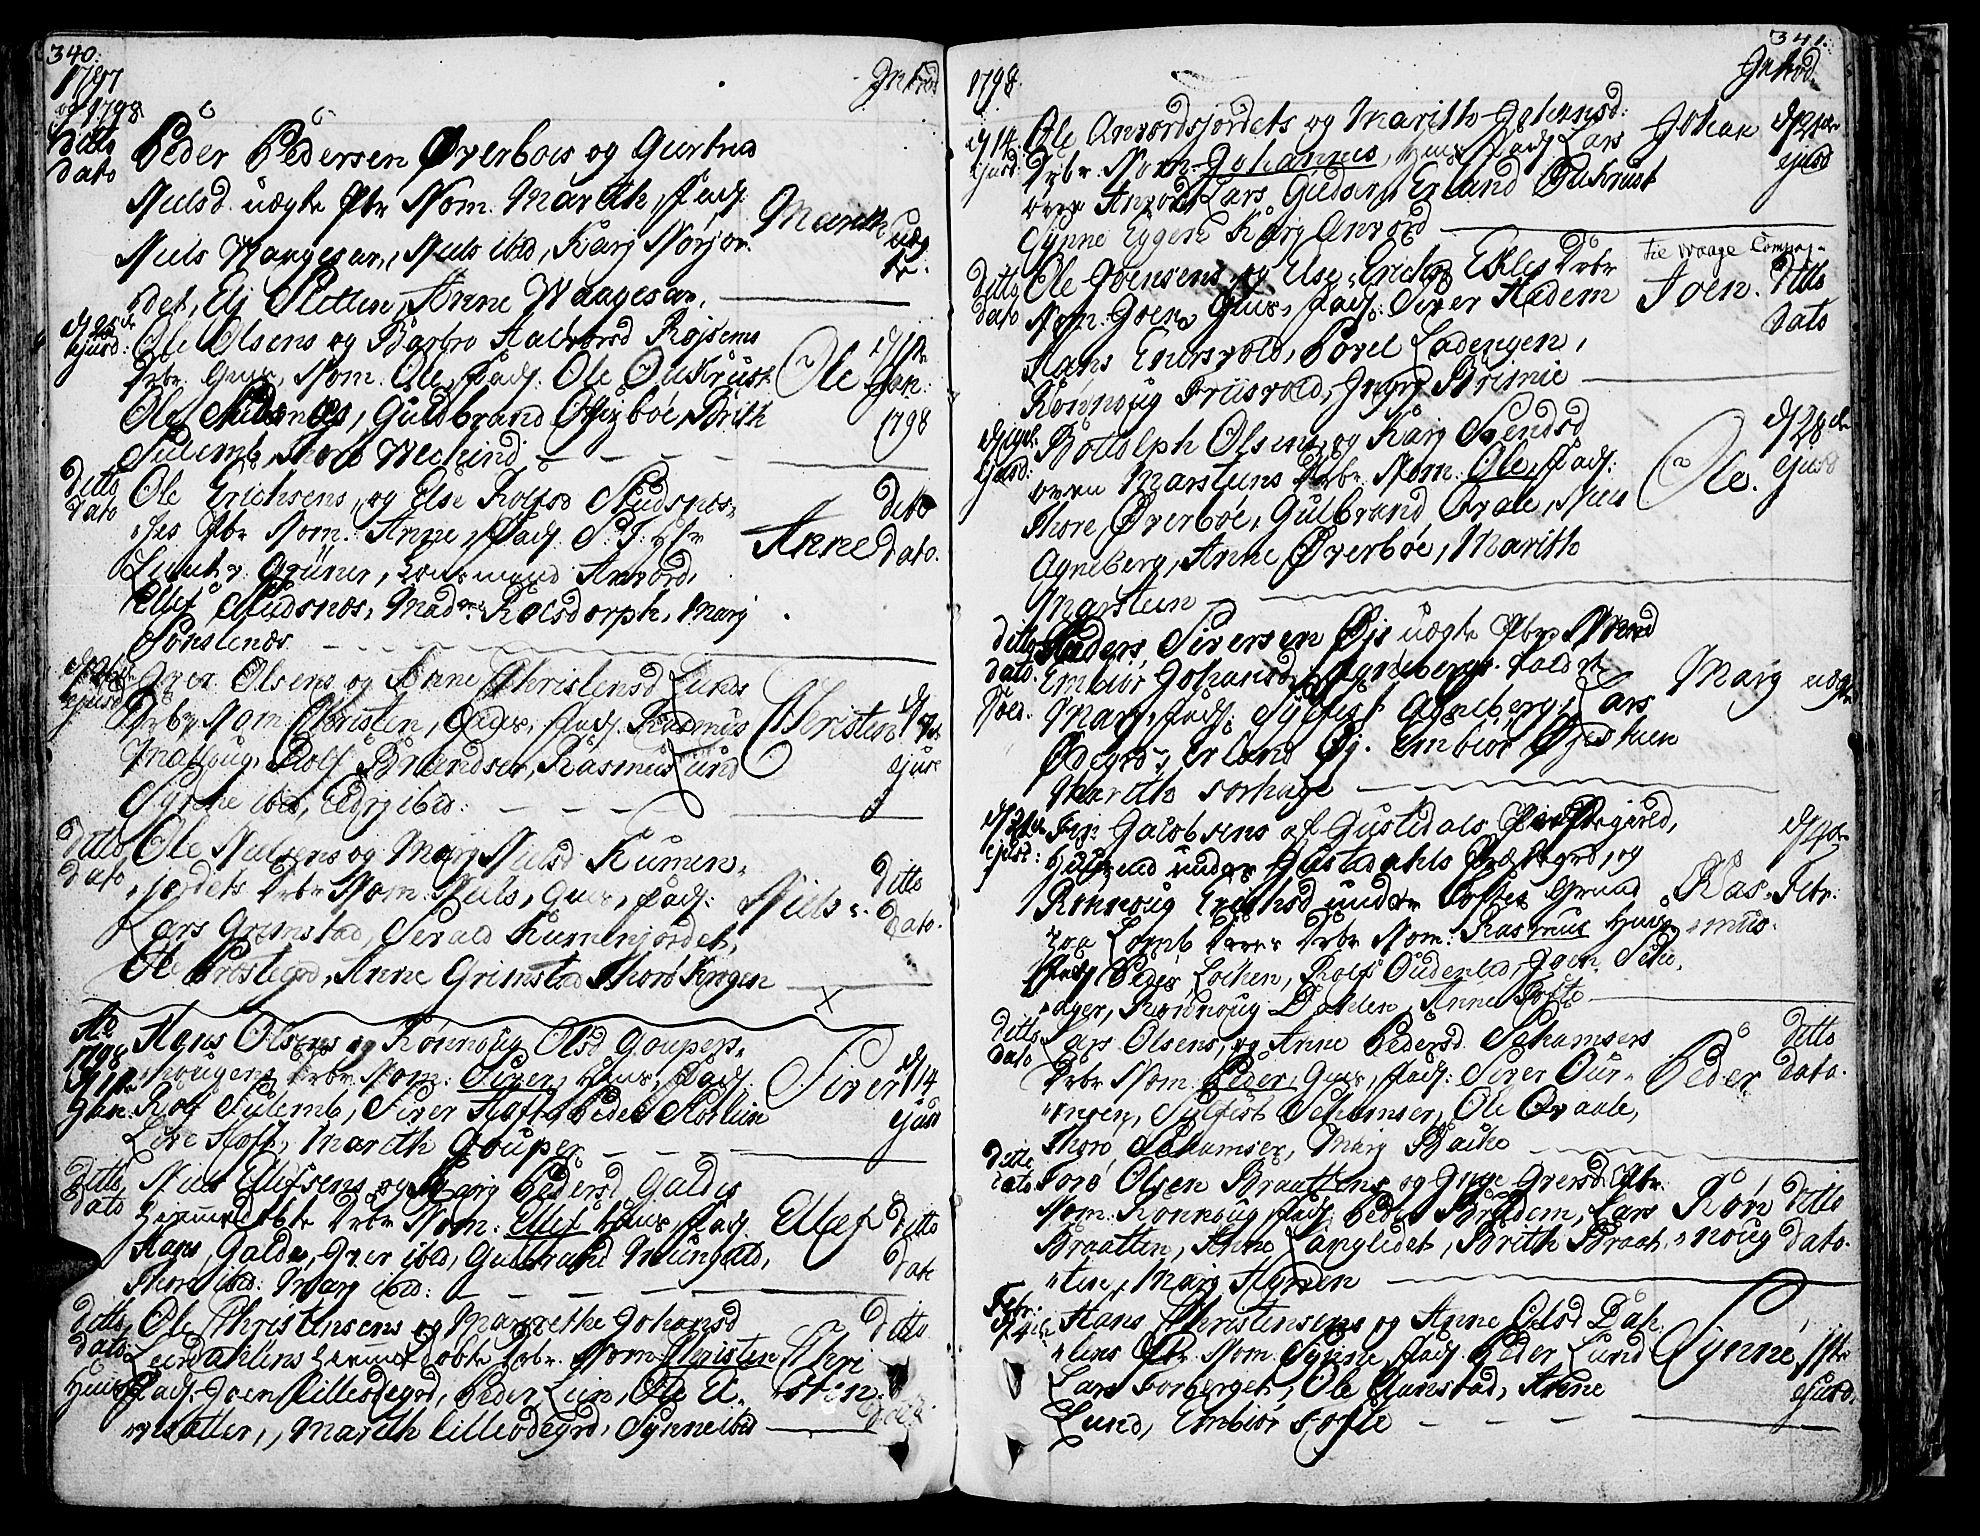 SAH, Lom prestekontor, K/L0002: Ministerialbok nr. 2, 1749-1801, s. 340-341